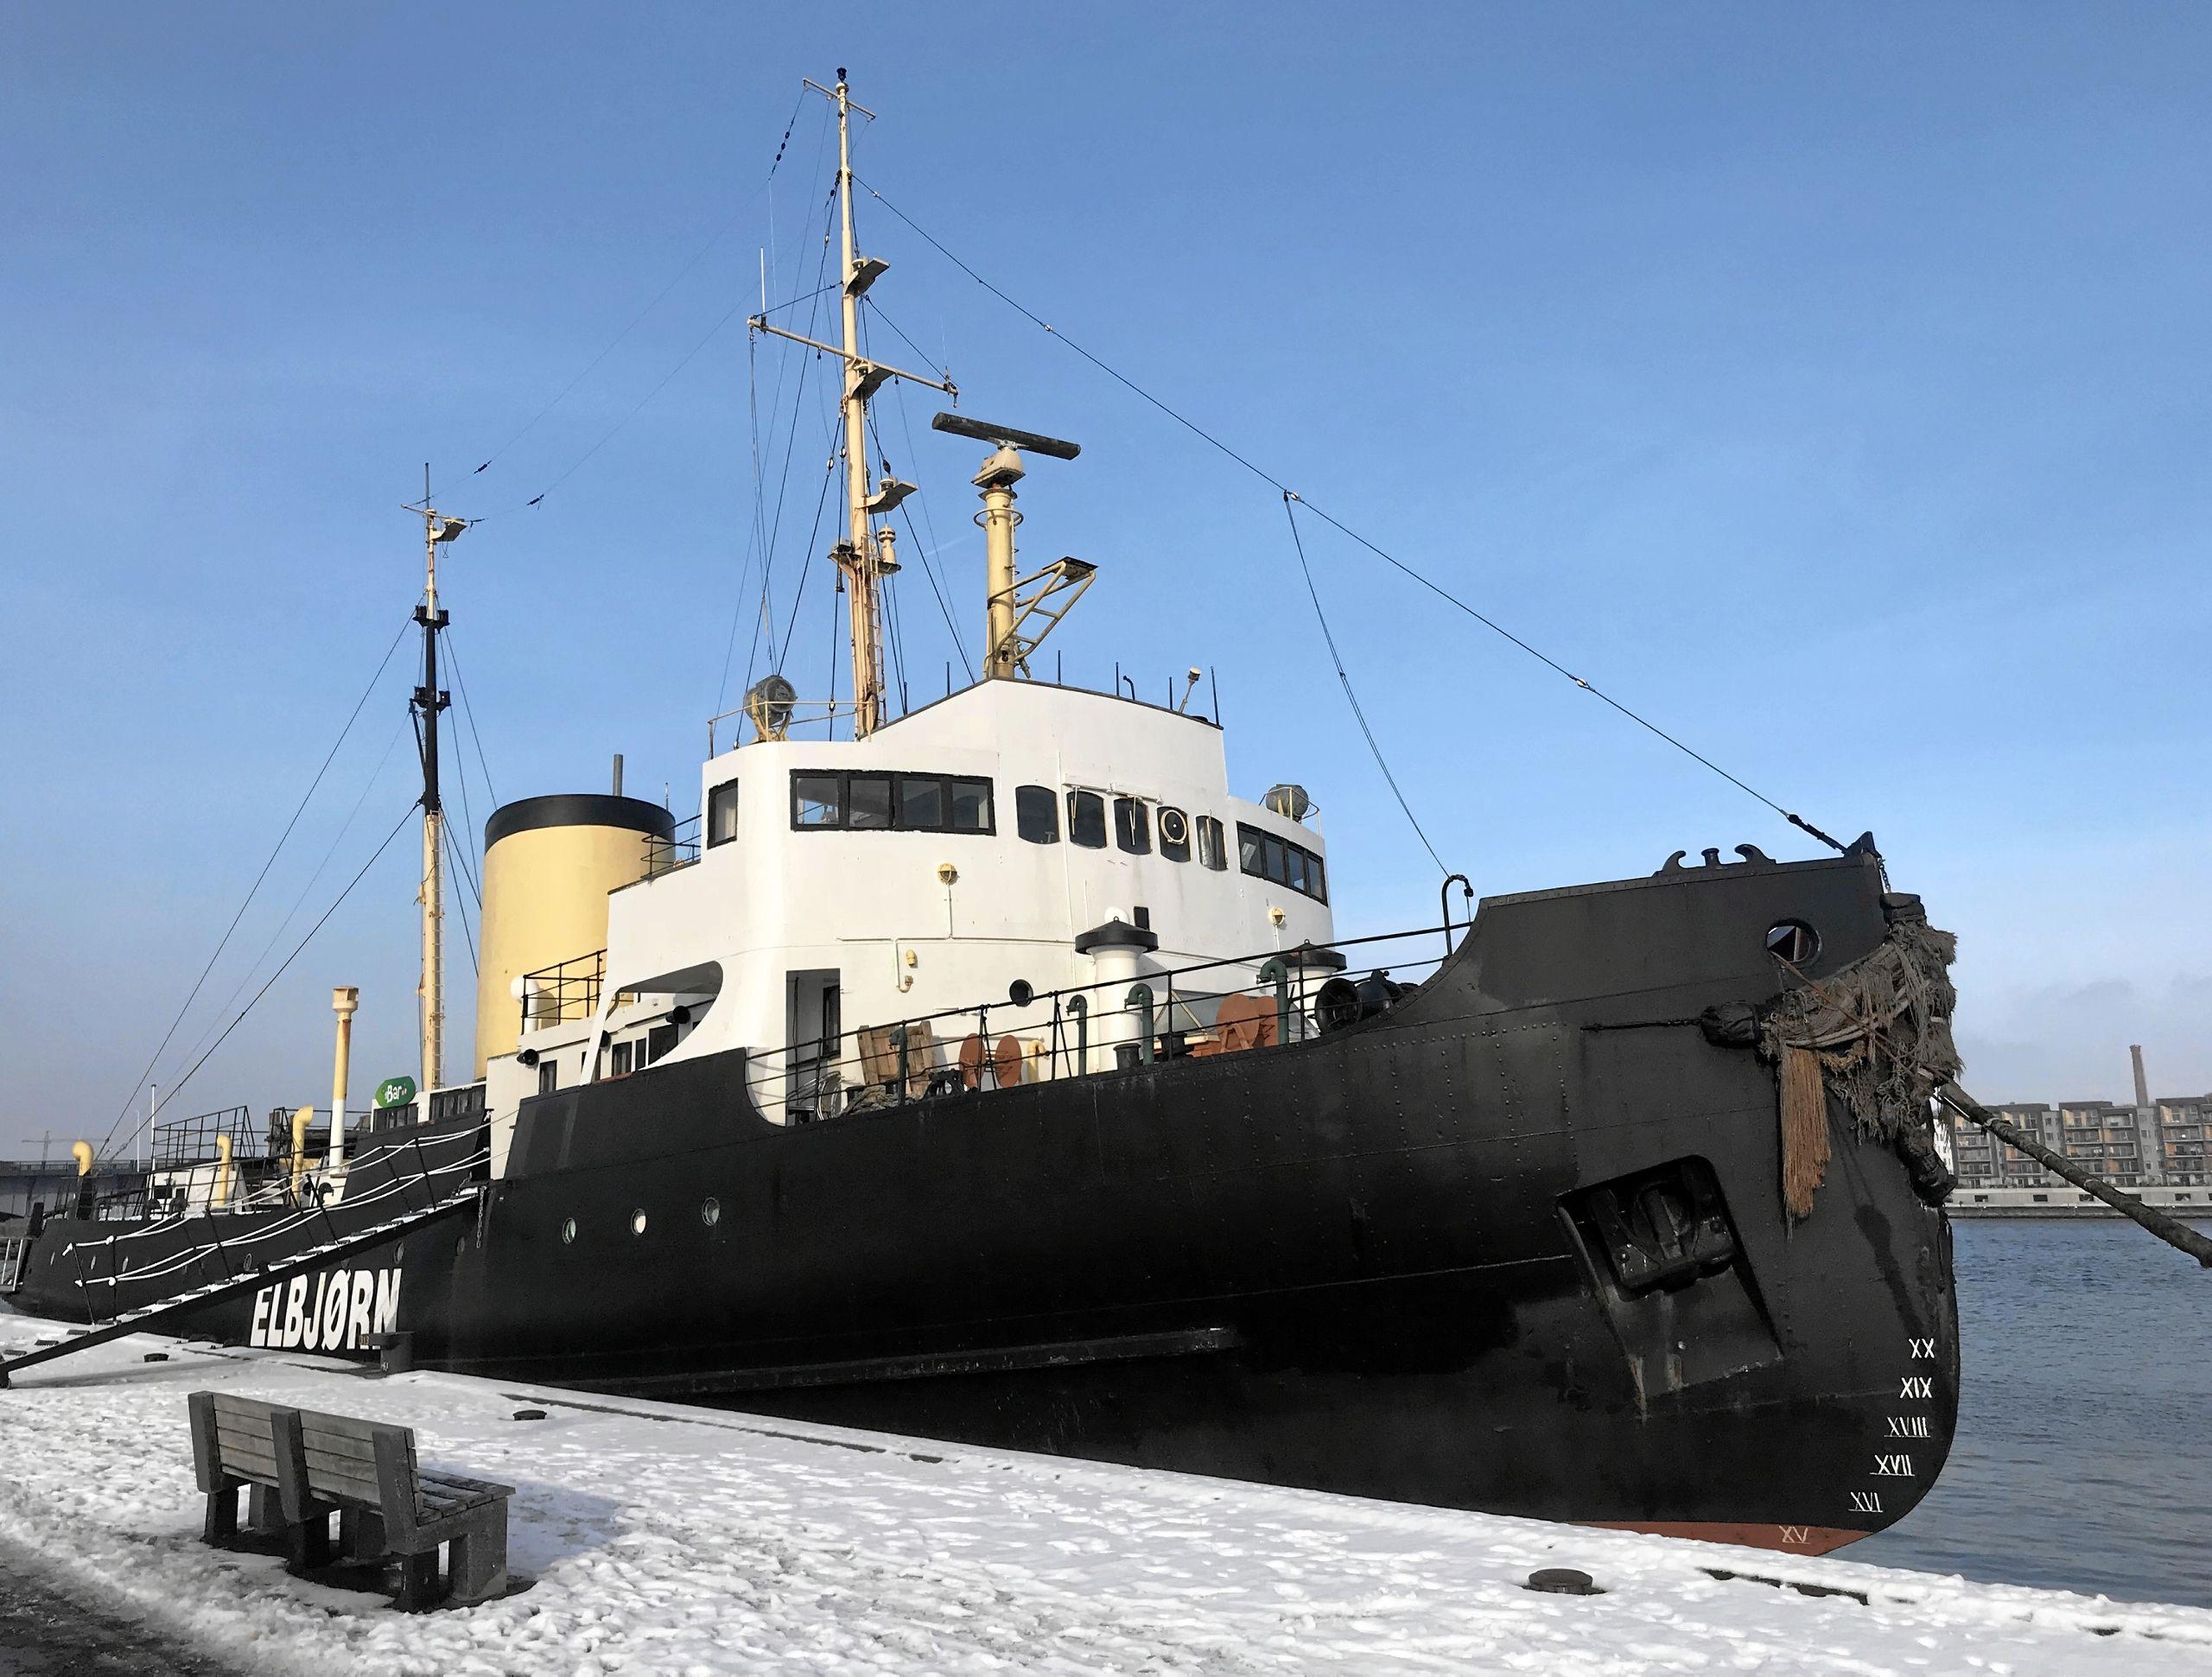 Den gamle isbryder Elbjørn ligger tålmodigt ved kajen i Aalborg Havn og sygner hen. Om bord er der absolut ingen aktivitet, og det gode spørgsmål er kort og godt, hvad der nu skal ske med skibet. Foto: Torben O. Andersen